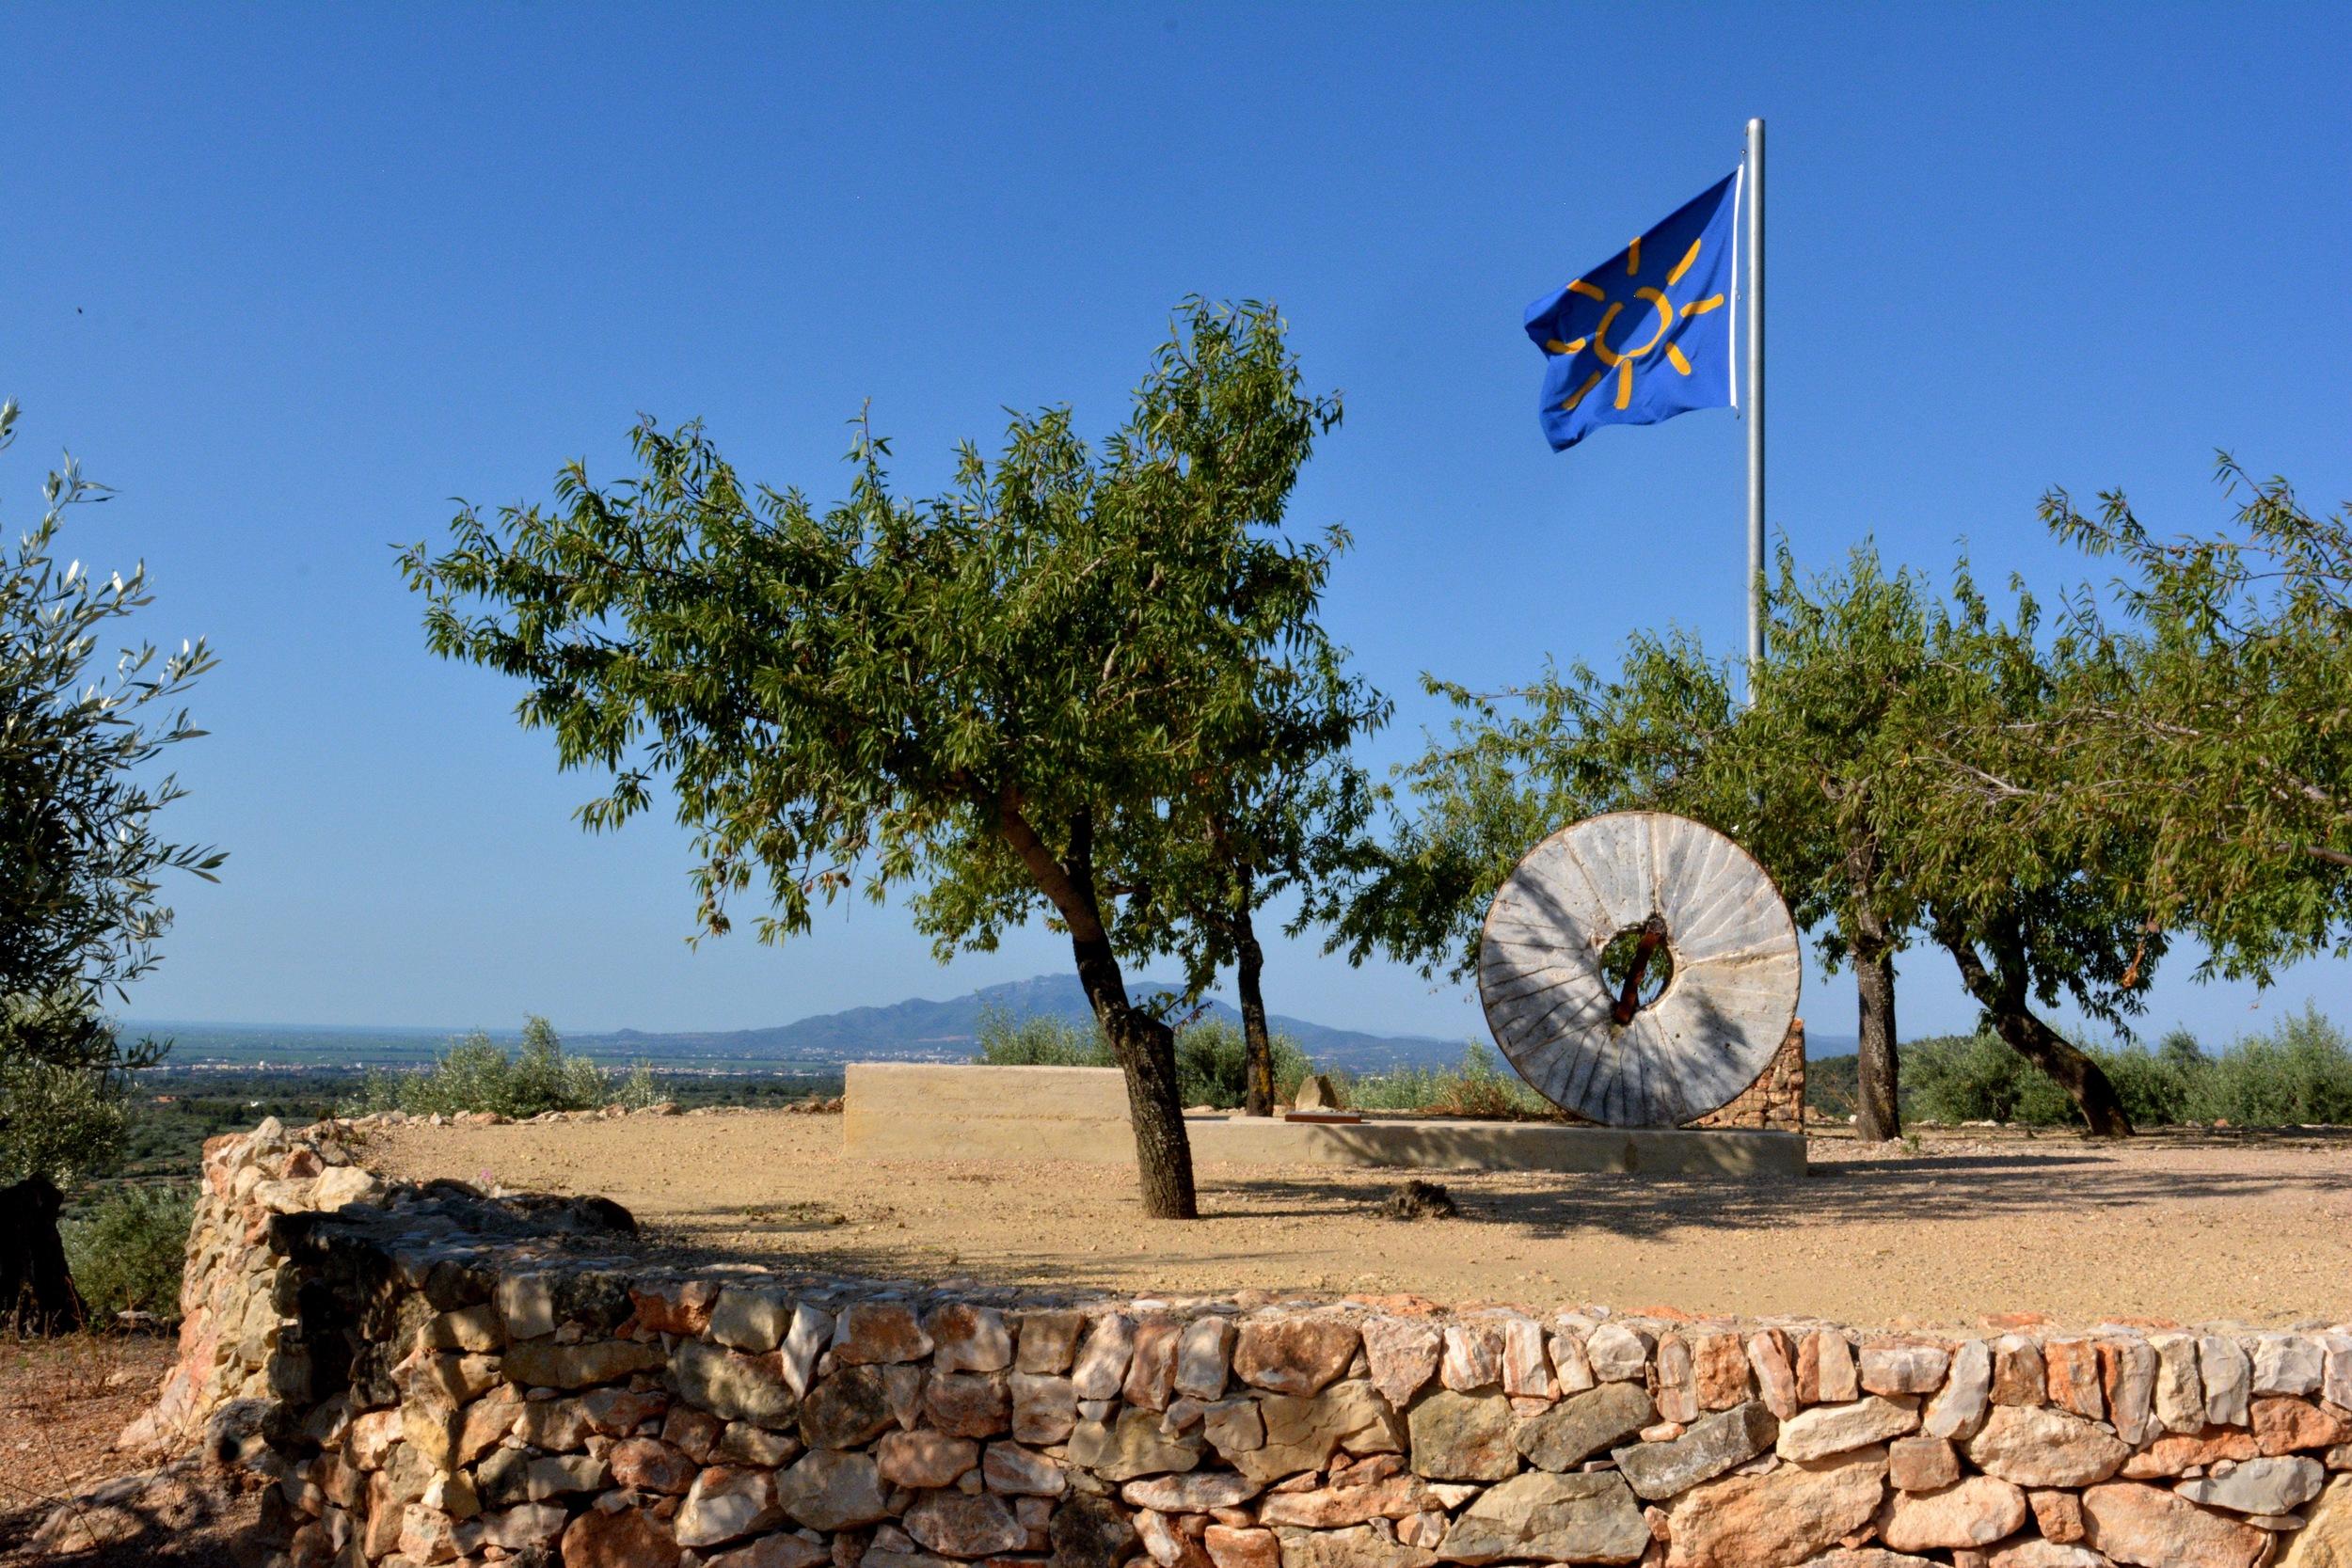 Ferien+Spanien+7.14+1610_bearbeitet-1.jpg